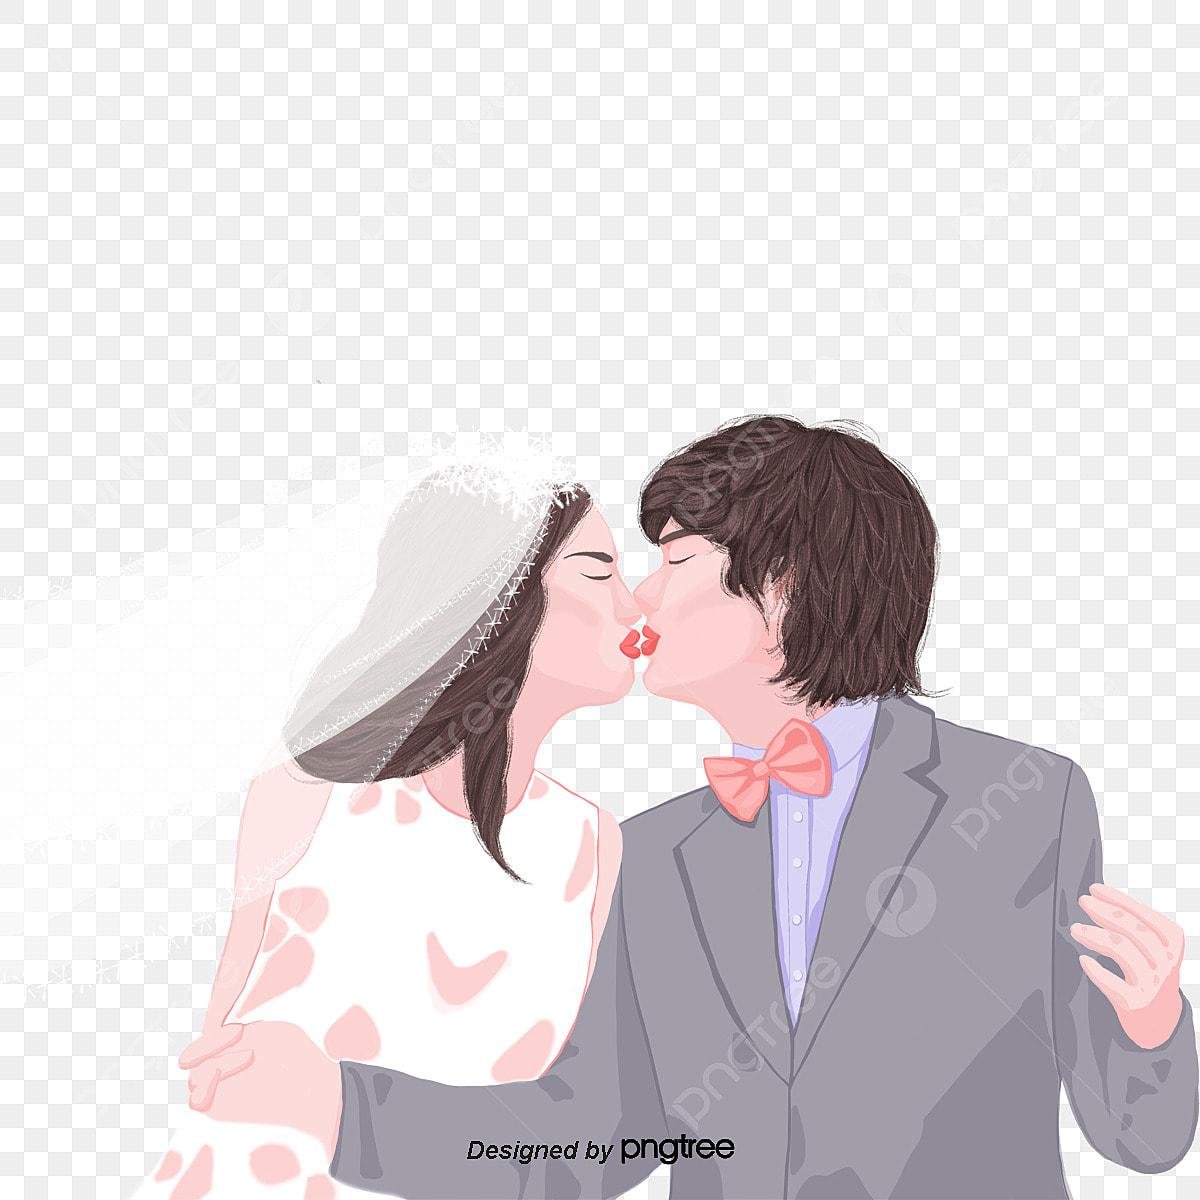 Gambar Pasangan Romantis Mencium Gambar Perkahwinan Romantik Pasangan Cium Png Dan Psd Untuk Muat Turun Percuma